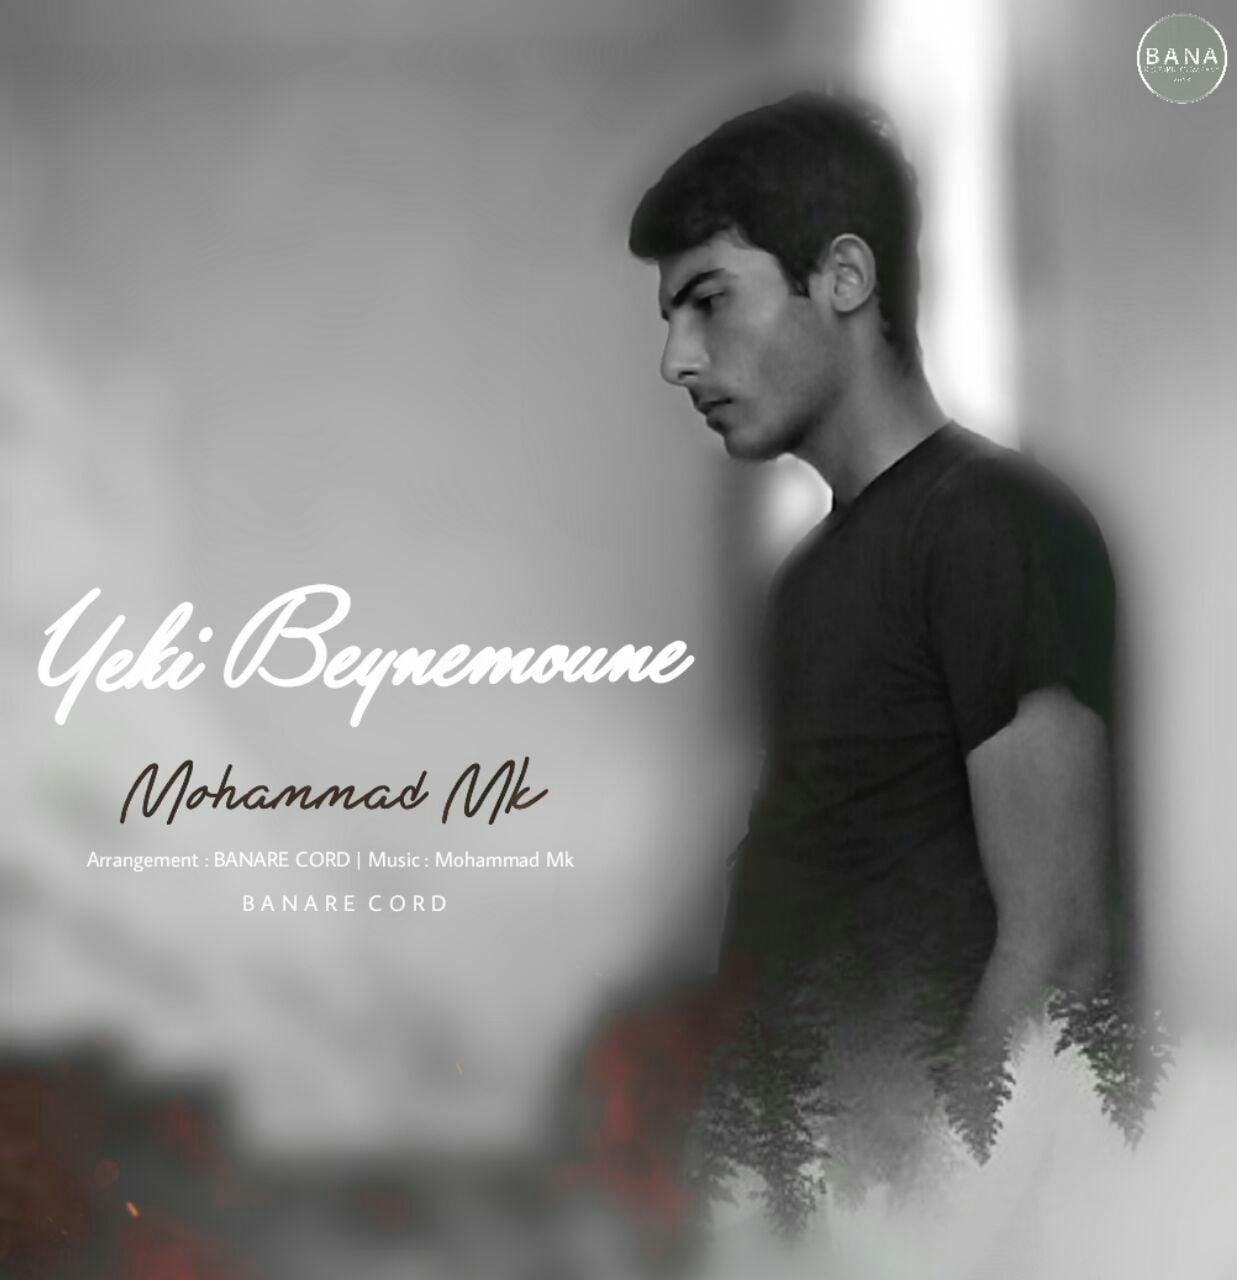 دانلود آهنگ محمد Mk به نام یکی بینمونه